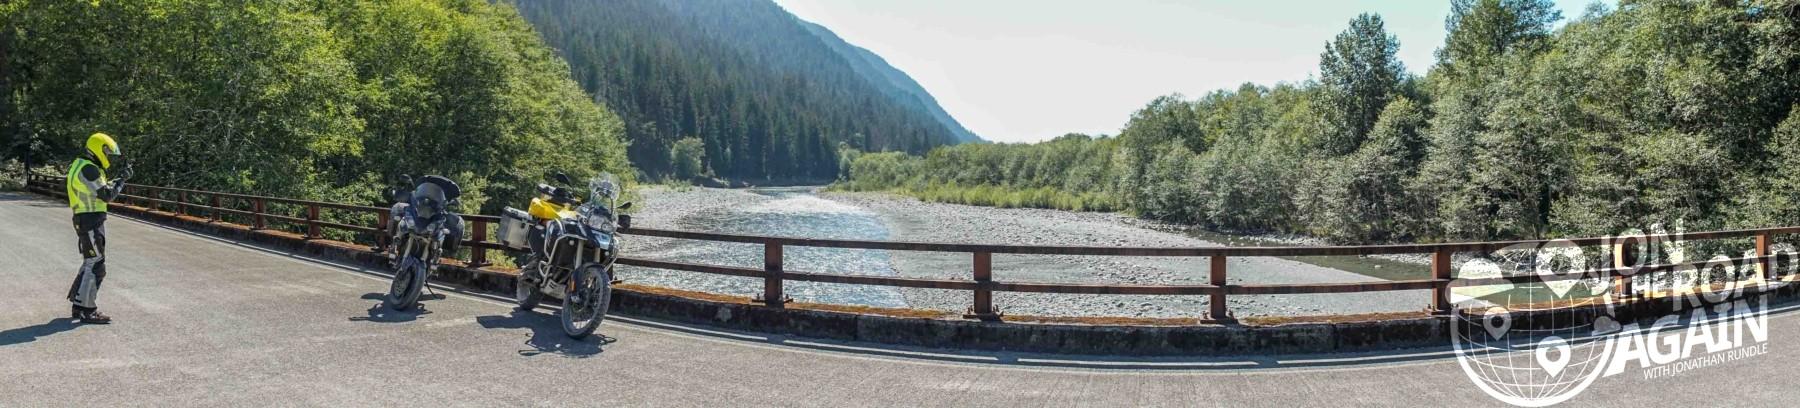 Quinault River Bridge